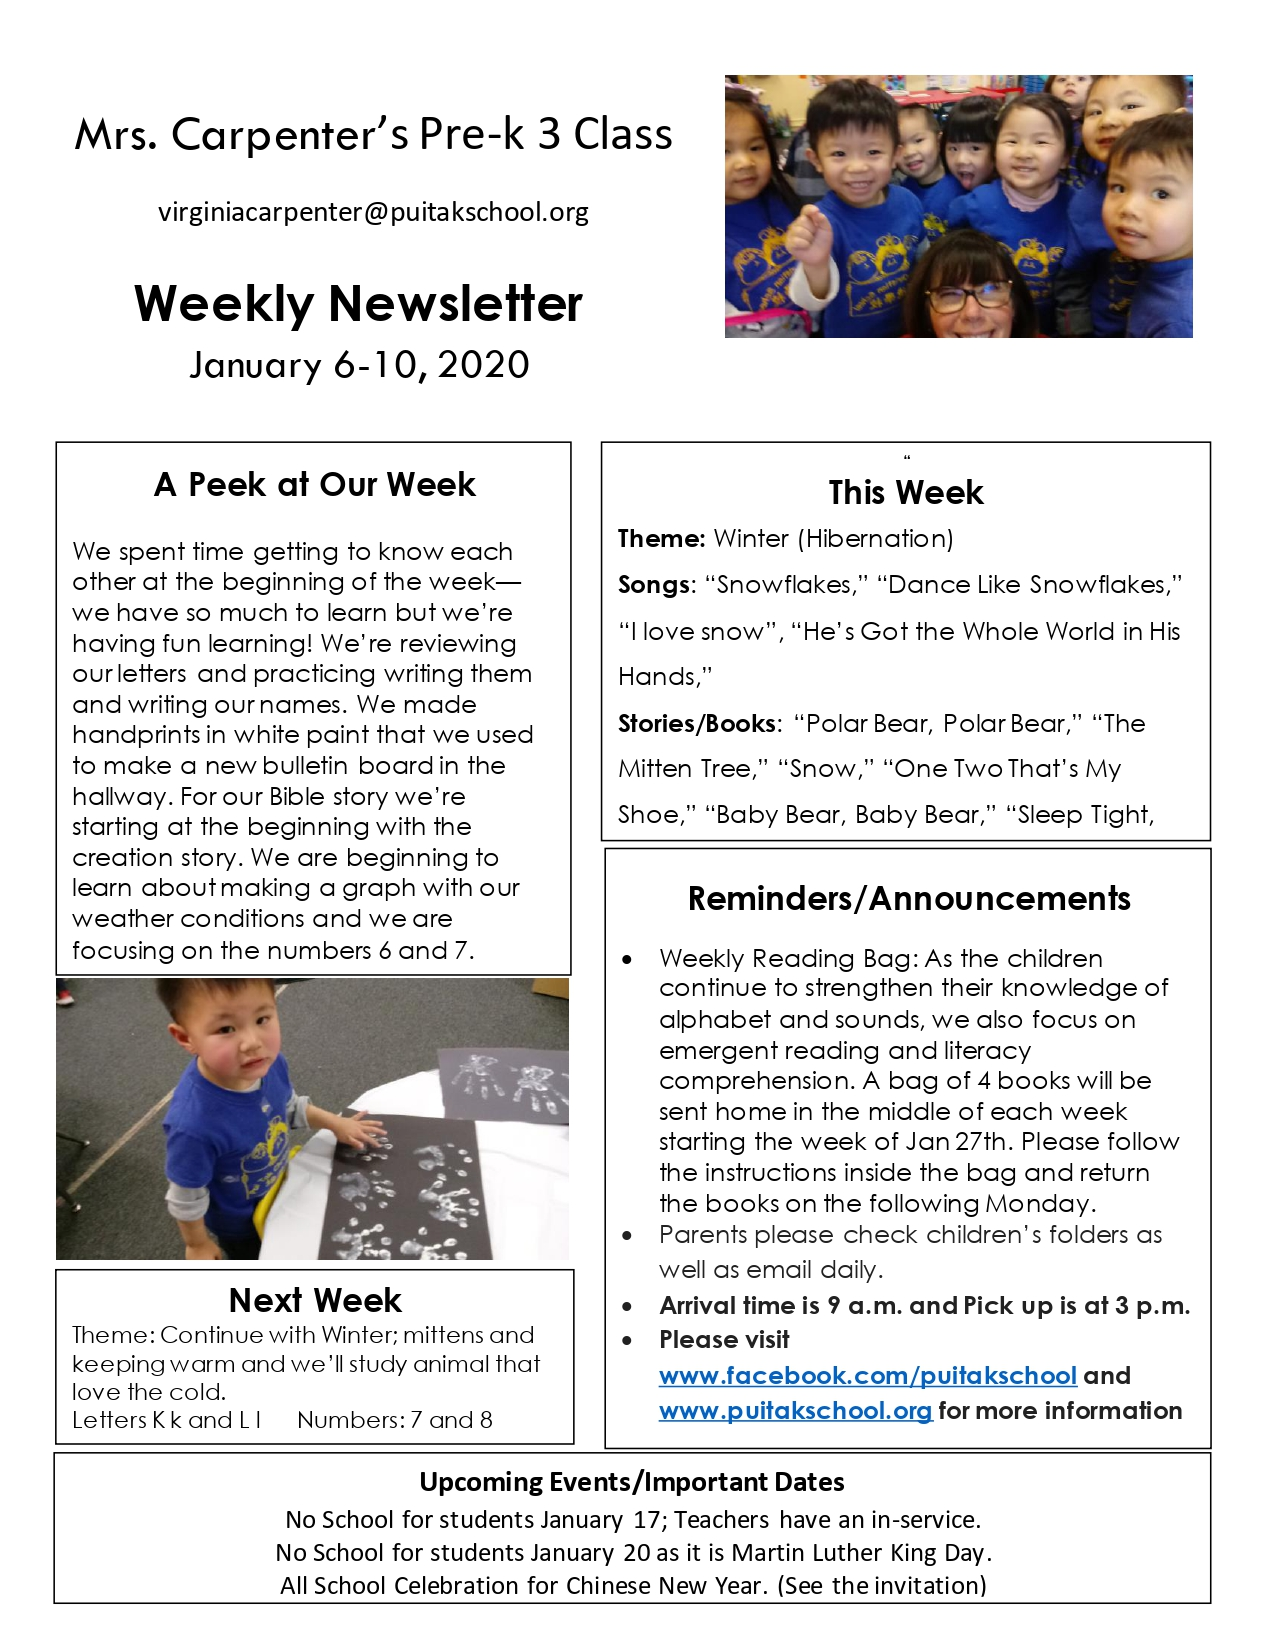 CarpenterNewsletter2020January2ndWeek_pa